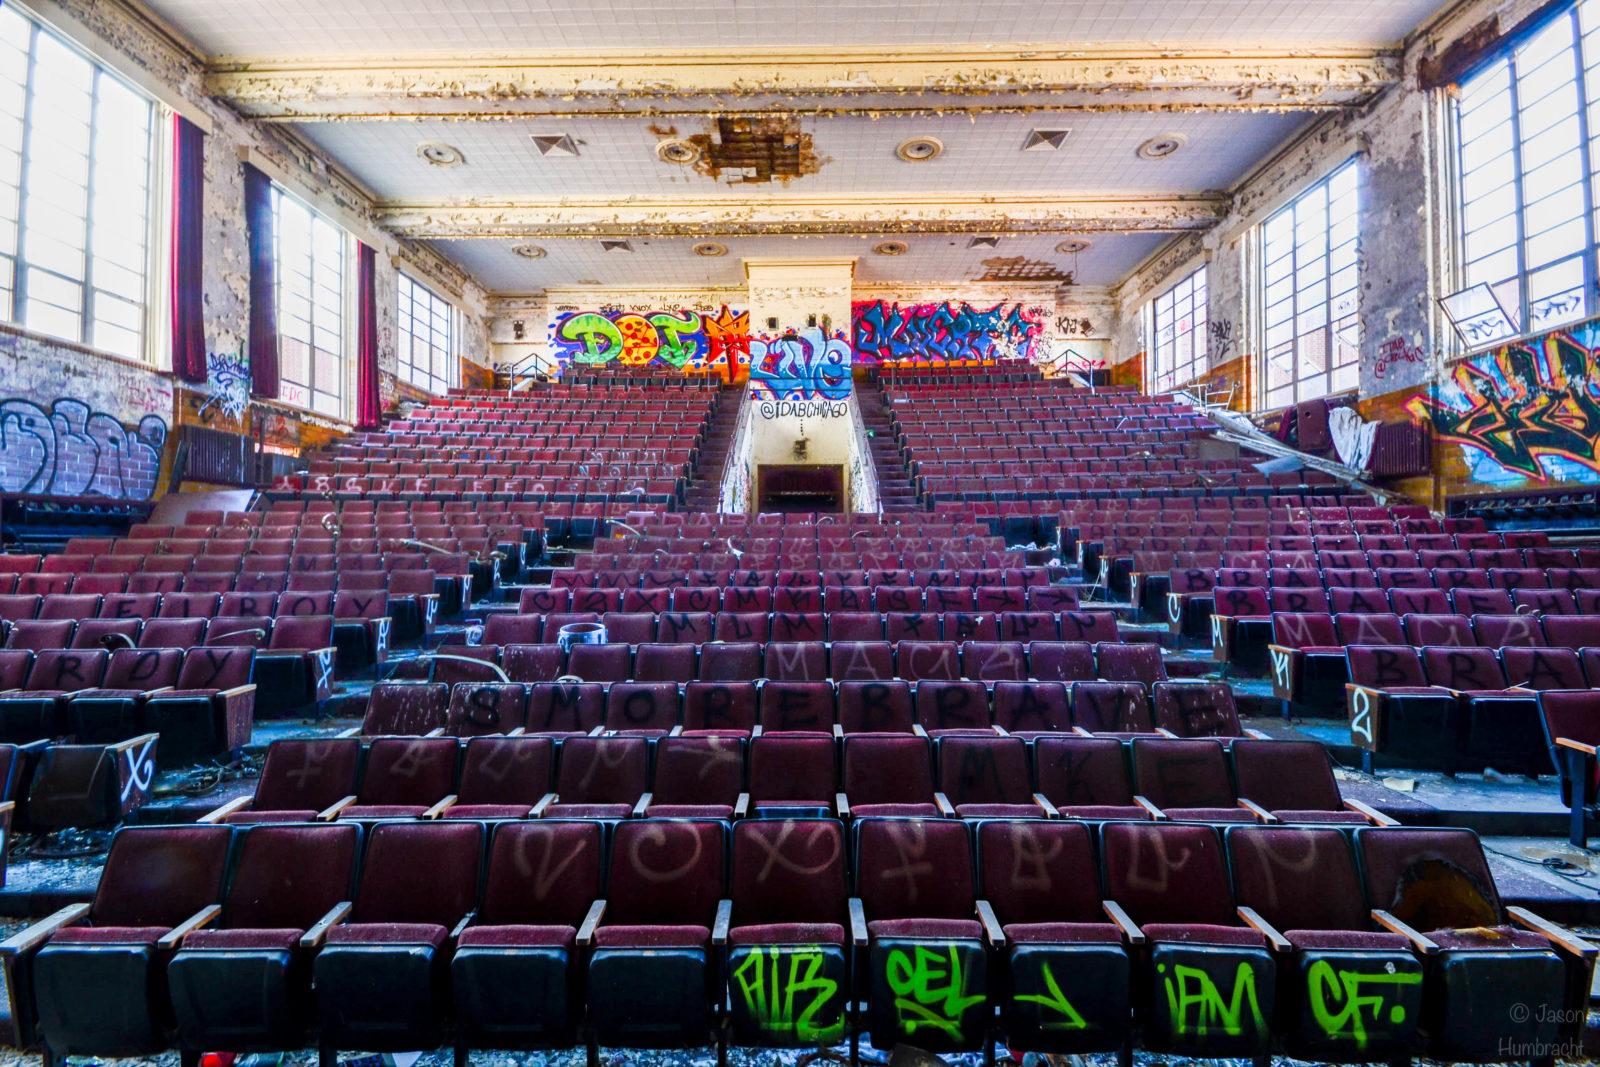 rentreescolaire lycee lieuxabandonnes urbex explorationurbaine radar allurbanmakers highschool amphitheatre jhumbracht fauteuils - De la maternelle à la fac, découvrez les plus belles écoles abandonnées !